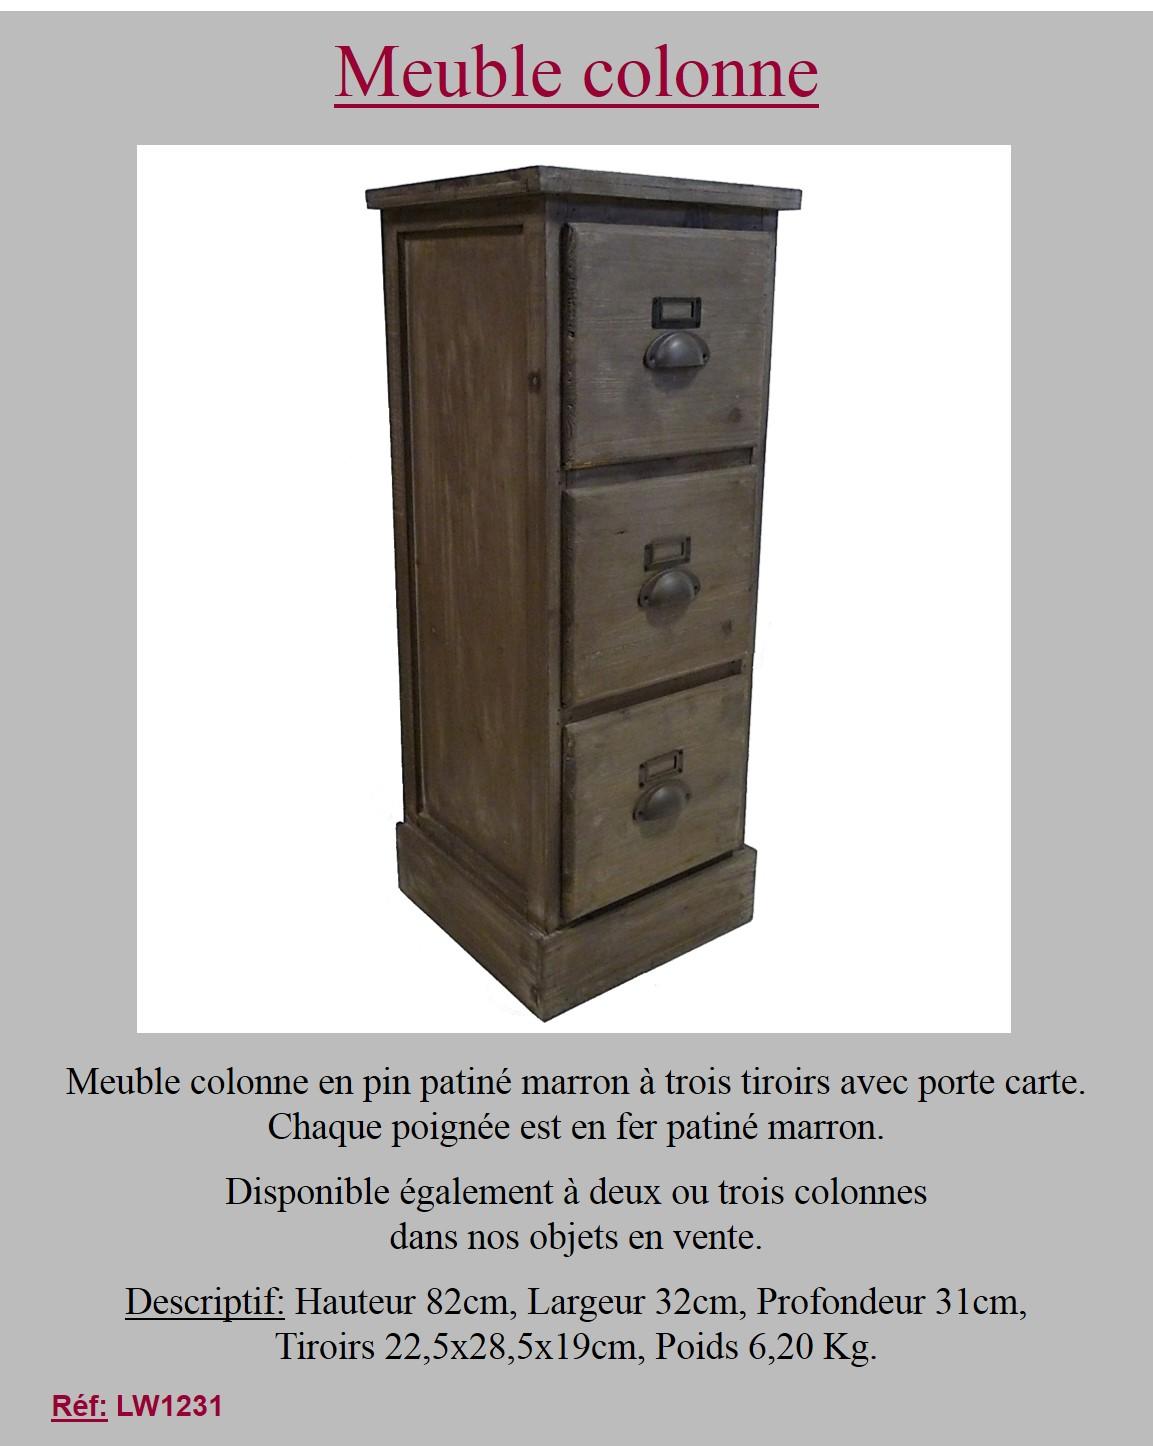 style ancienne meuble colonne de rangement a tiroirs en vieux bois 82cm ebay. Black Bedroom Furniture Sets. Home Design Ideas